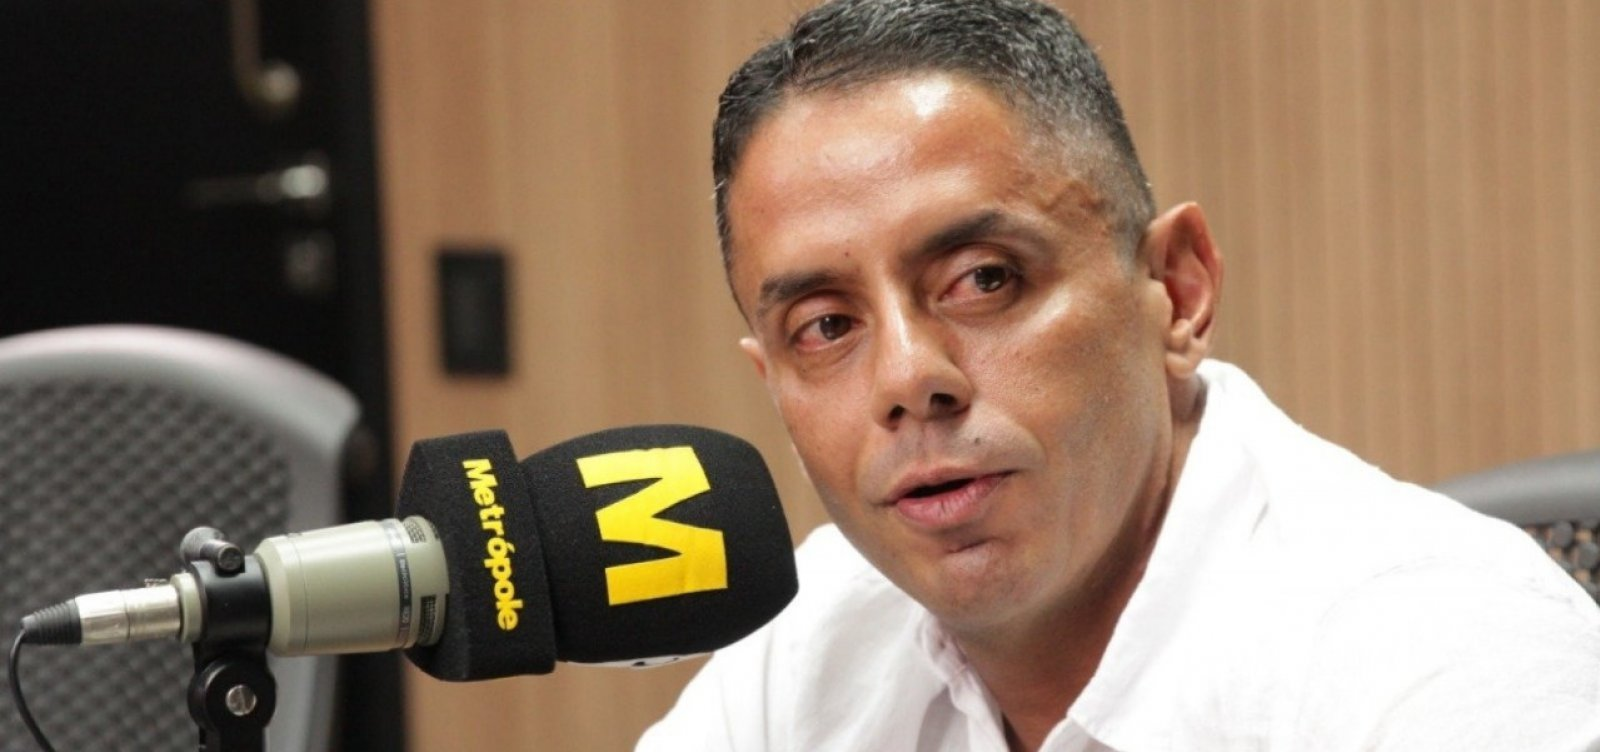 ['Respeita a constituição', diz Gamil sobre prisão em 2ª instância]